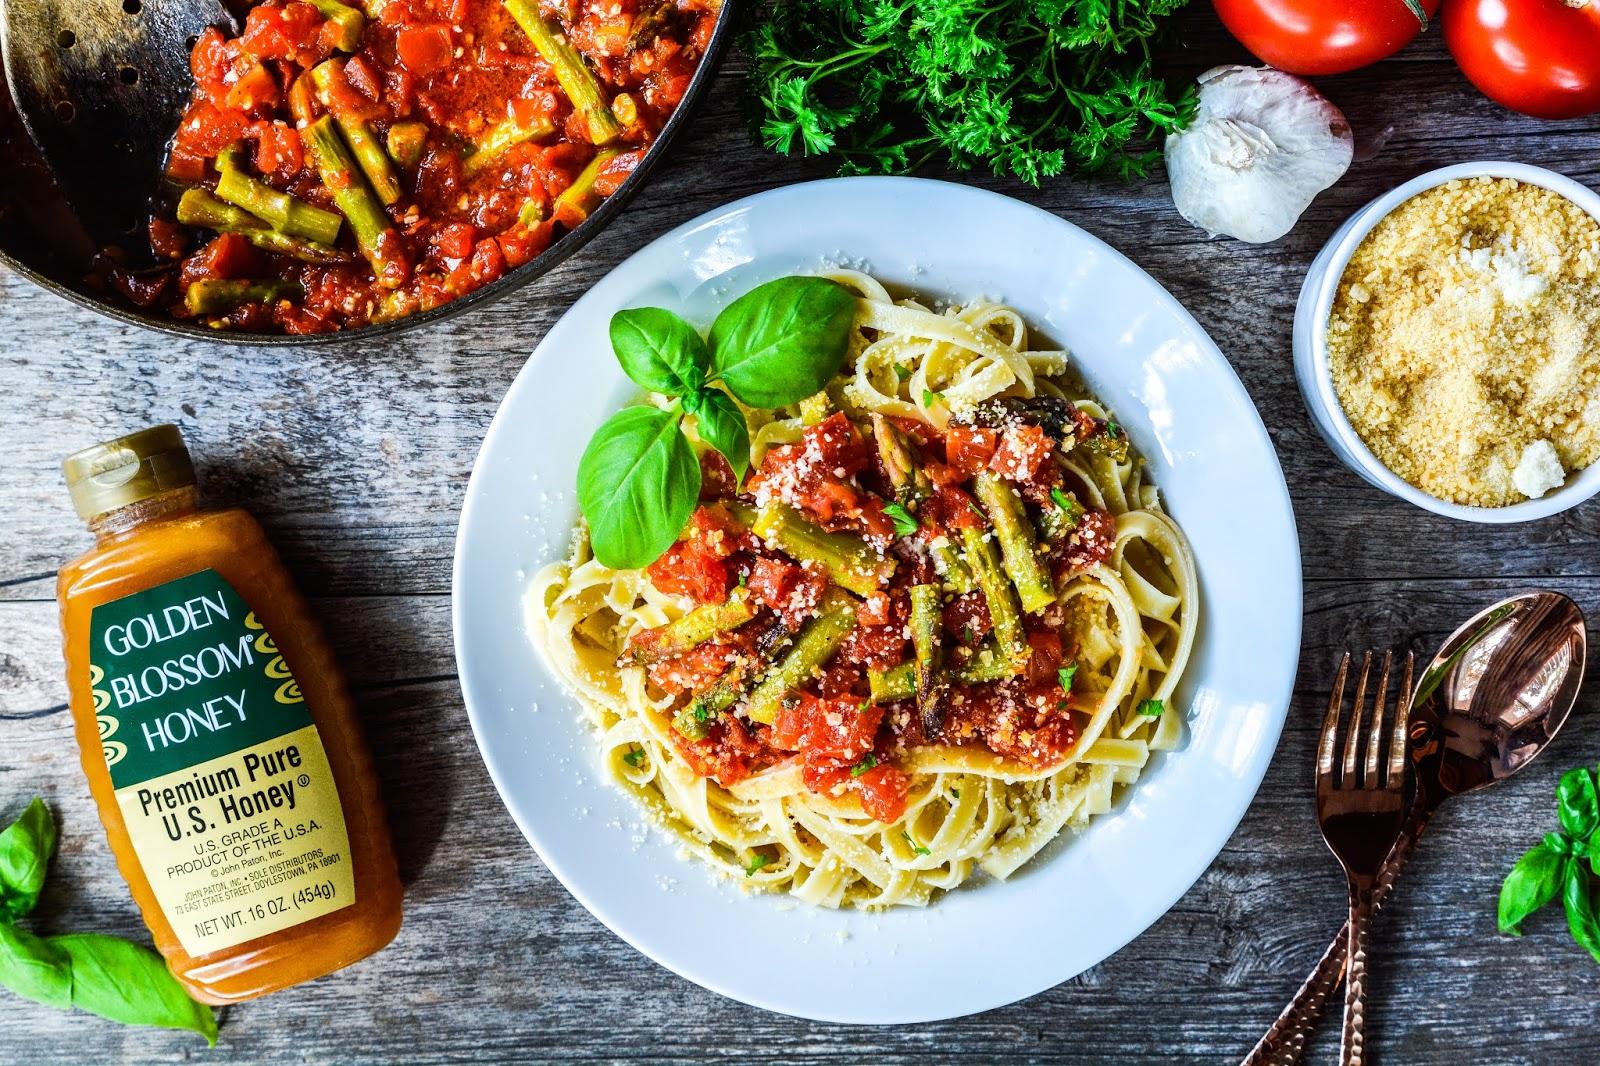 Asparagus and Basil Fettuccine